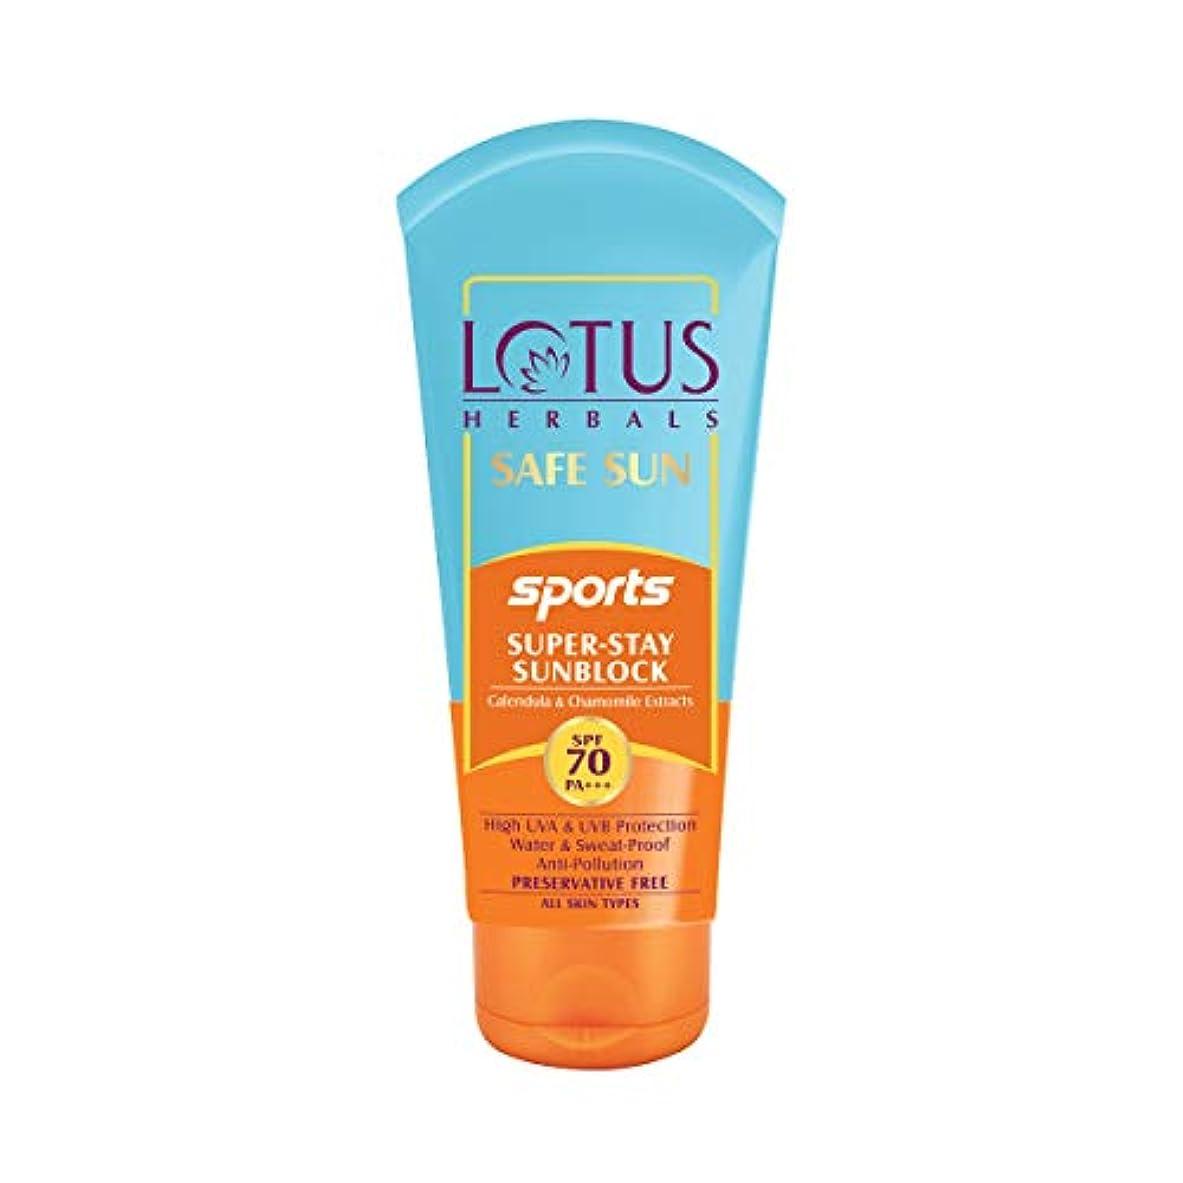 戸口ギャロップアカデミーLotus Herbals Safe Sun Sports Super-Stay Sunblock Spf 70 Pa+++, 80 g (Calendula and chamomile extracts)